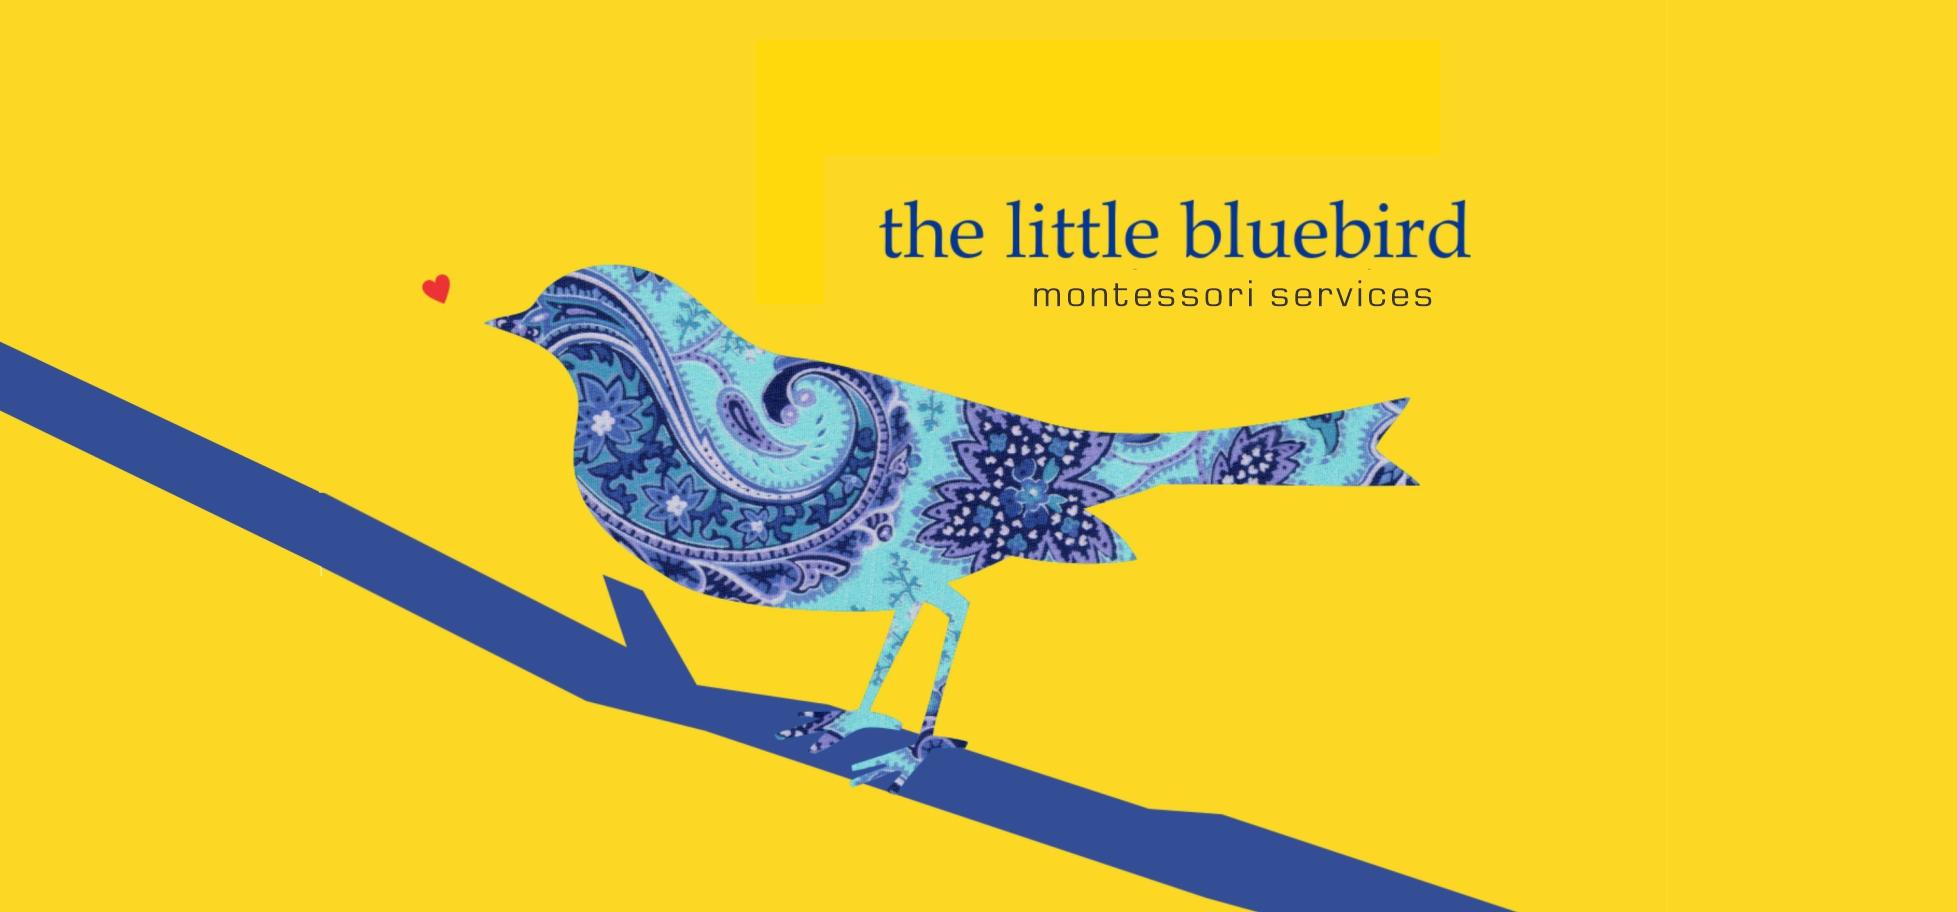 montessori services banner.jpg